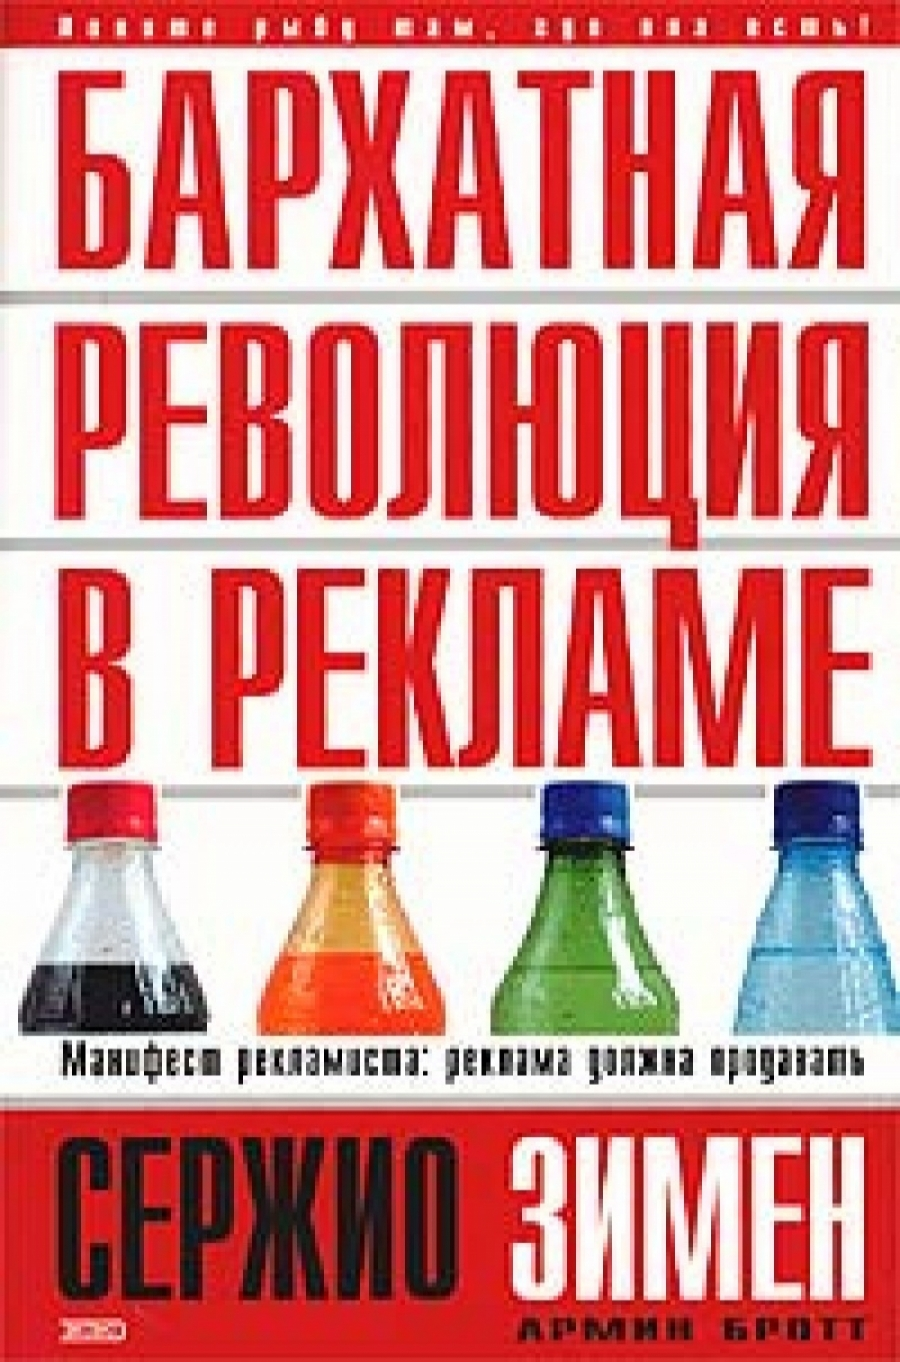 Обложка книги:  сержио зимен - бархатная революция в рекламе